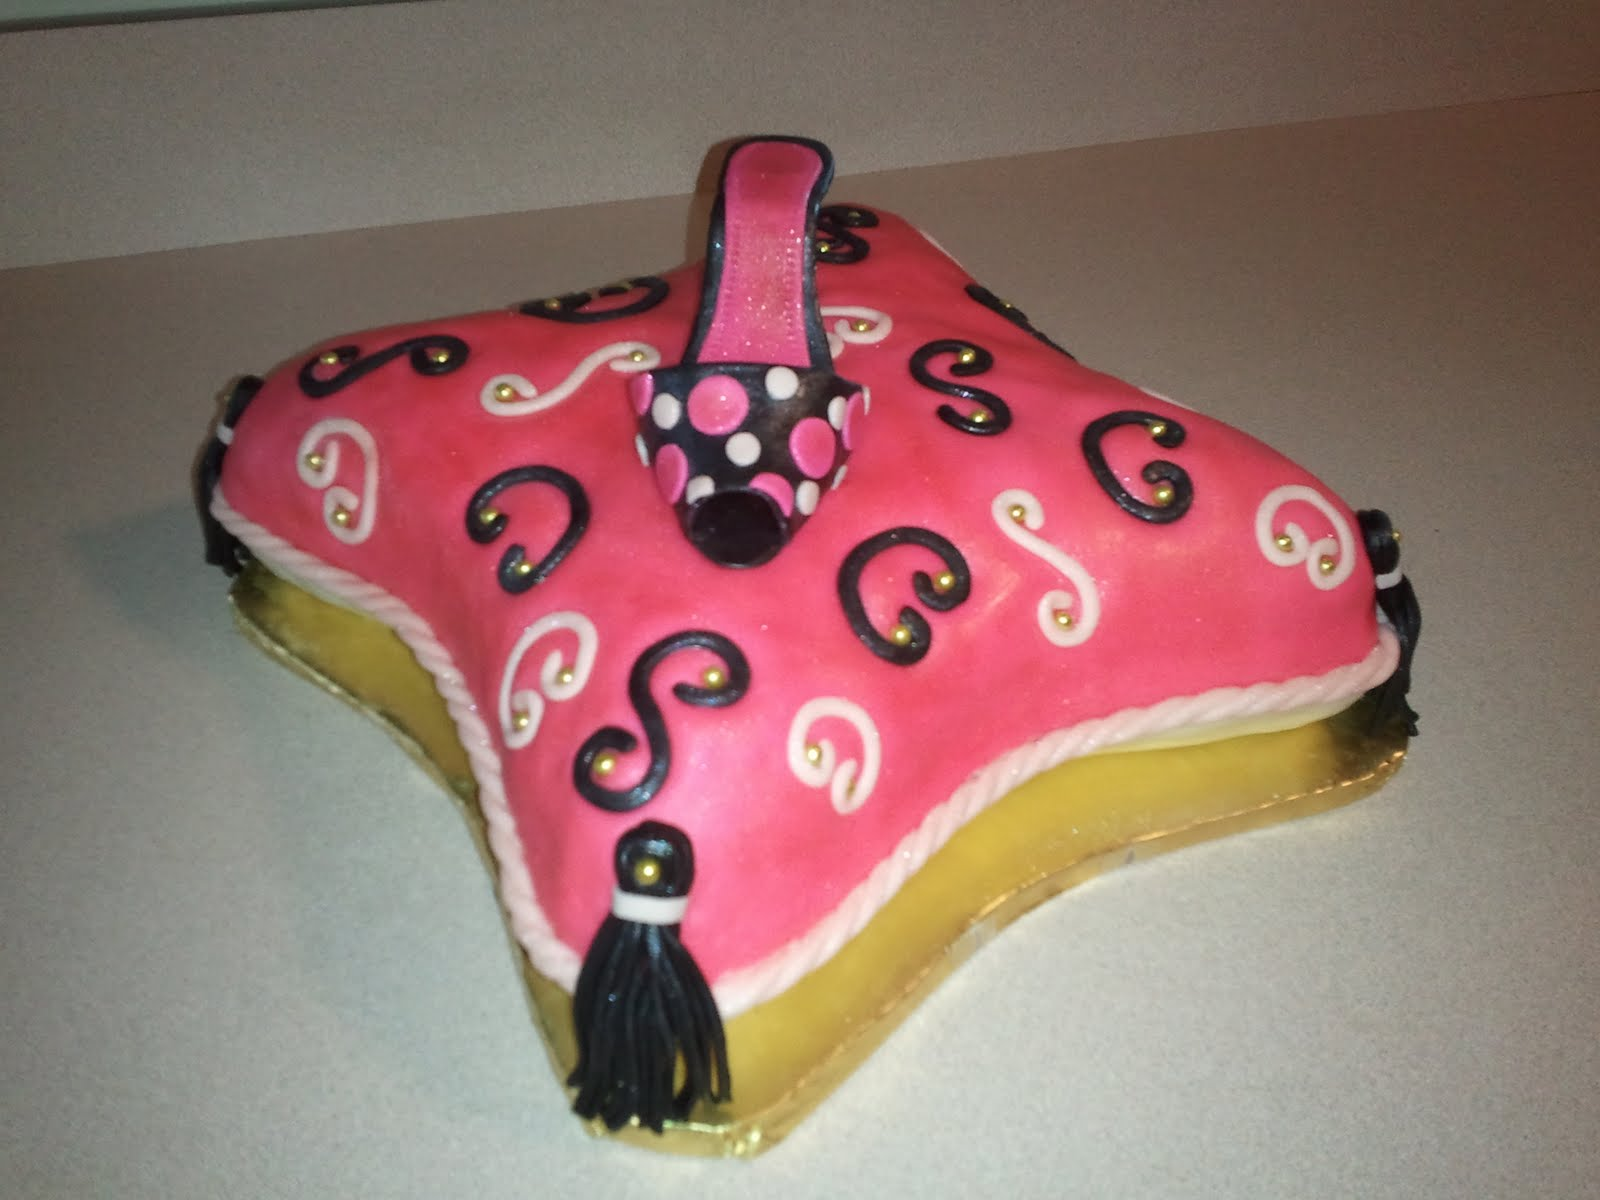 Dessert Divas Kitchen Carries Diva Birthday Cake 2011